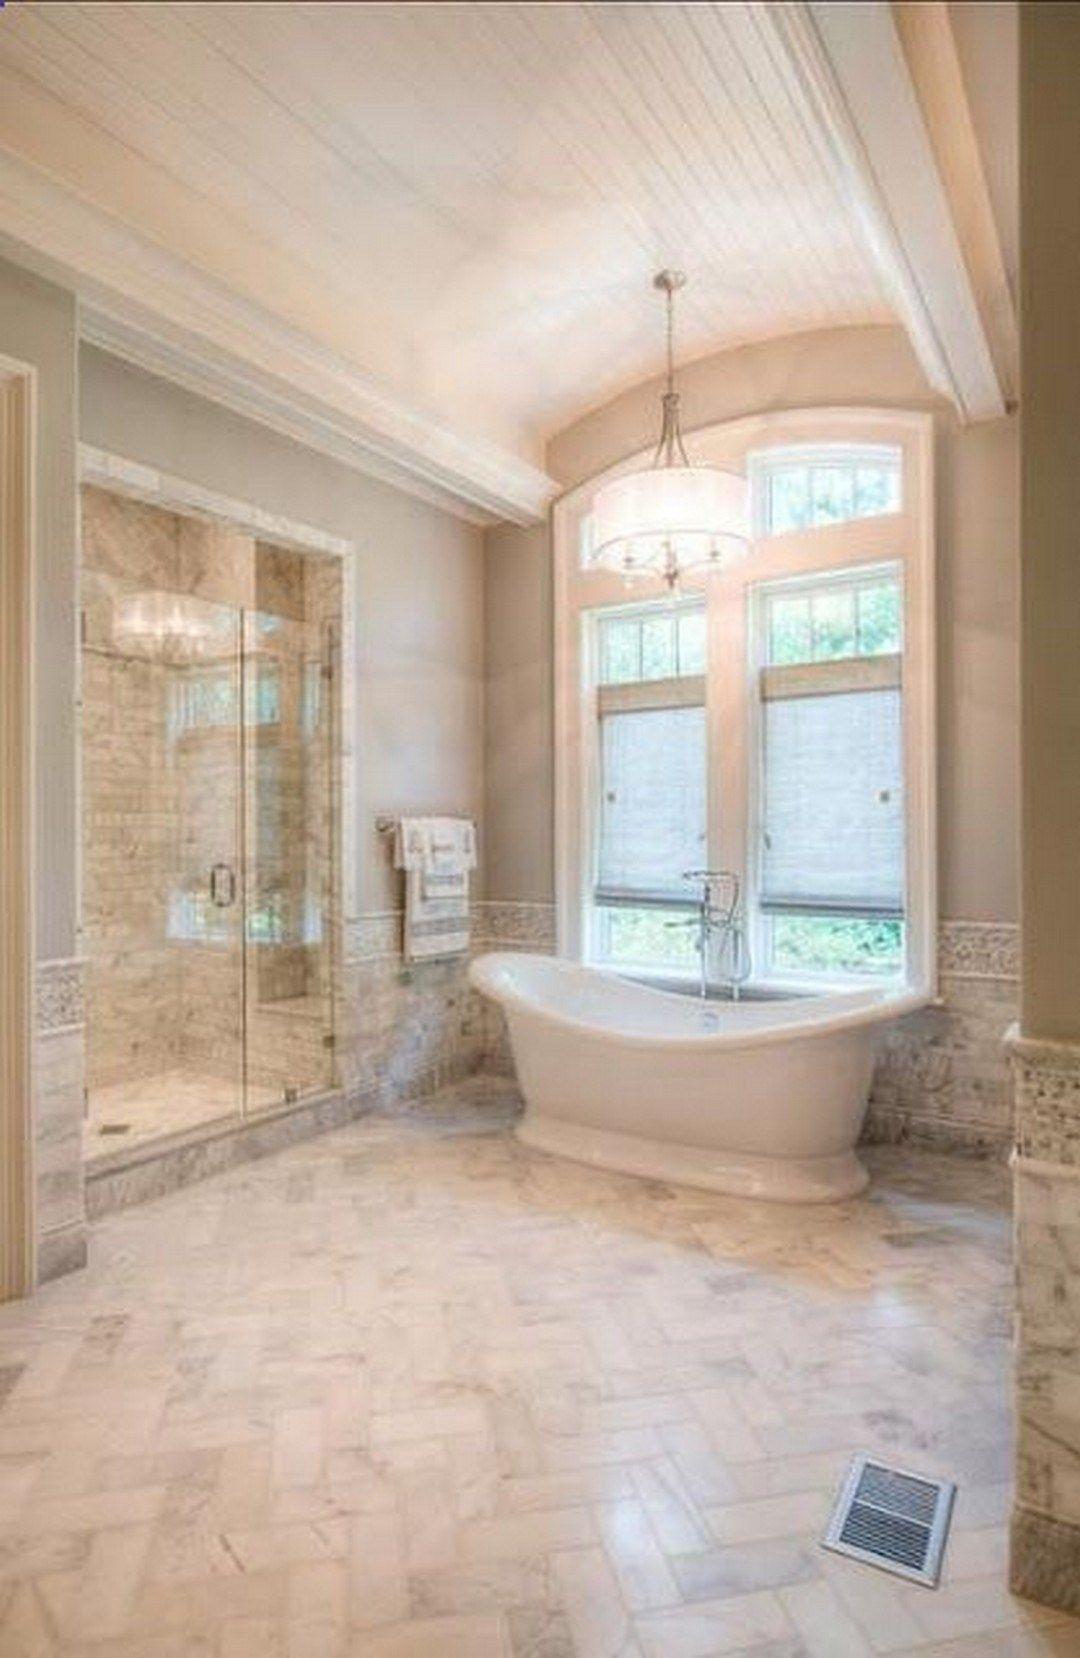 99 New Trends Bathroom Tile Design Inspiration 2017 31: 99 New Trends Bathroom Tile Design Inspiration 2017 (86